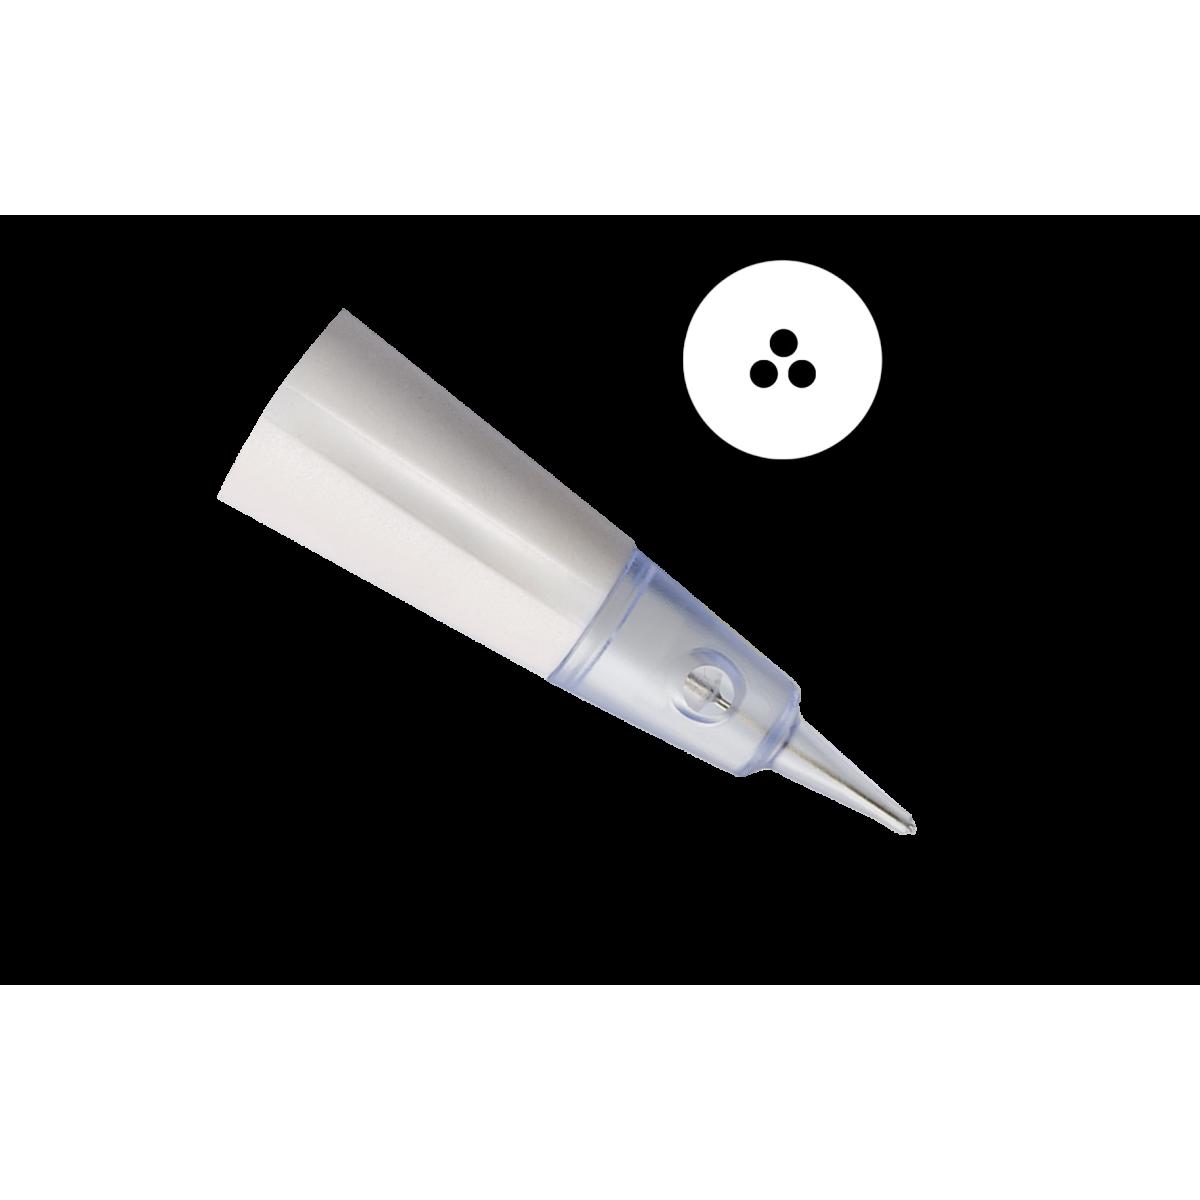 Stylo Genius Pro -  - 3 LINER (0.3 mm) GENIUS PRO